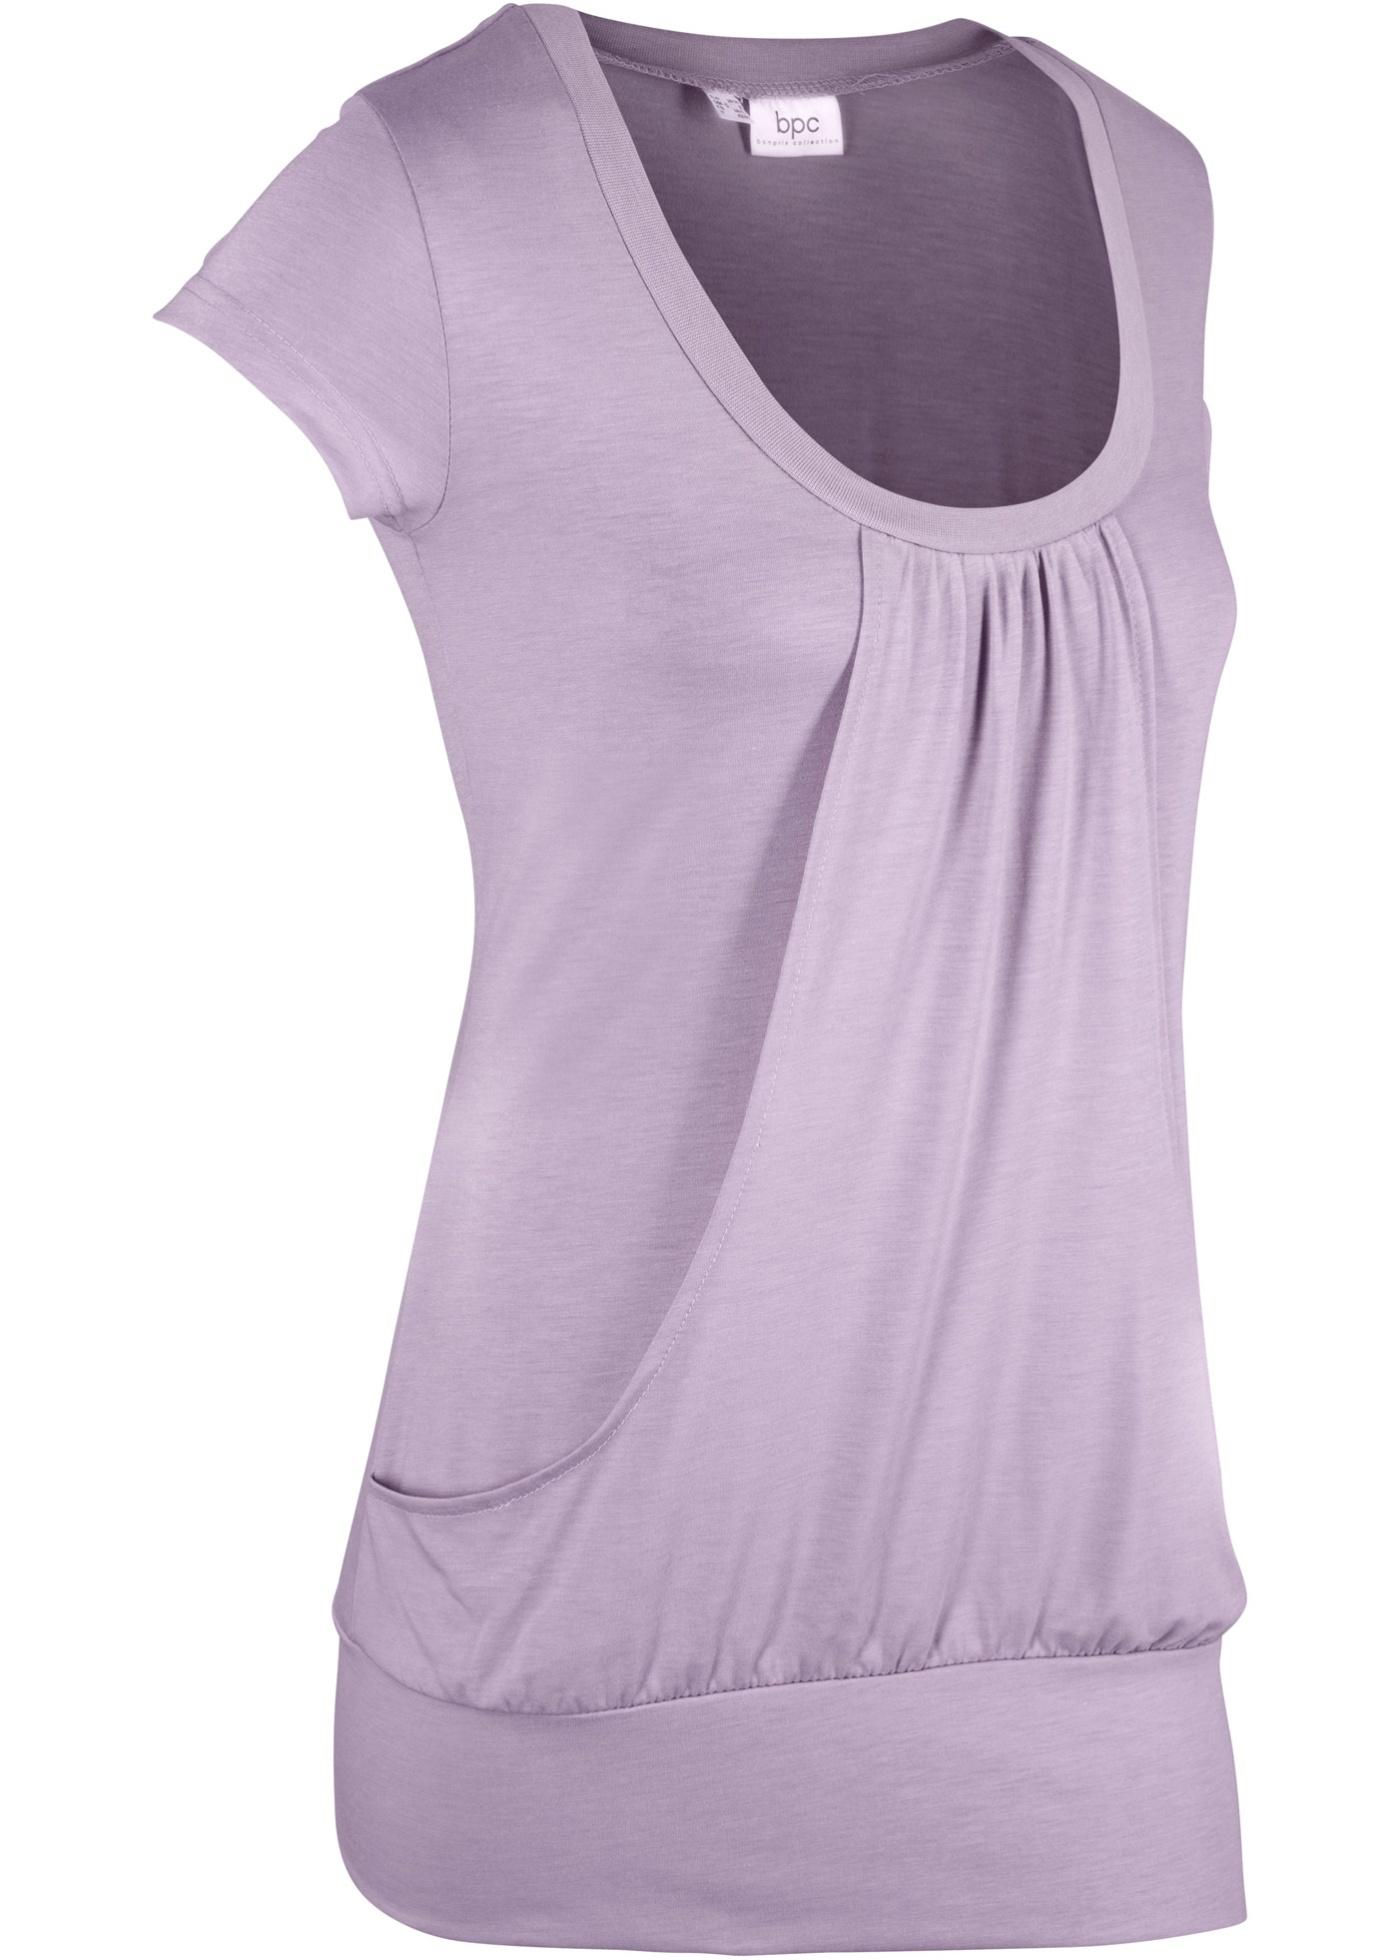 shirt LongManches Violet Femme Bonprix Courtes Pour Bpc CollectionT mPN08yvwOn